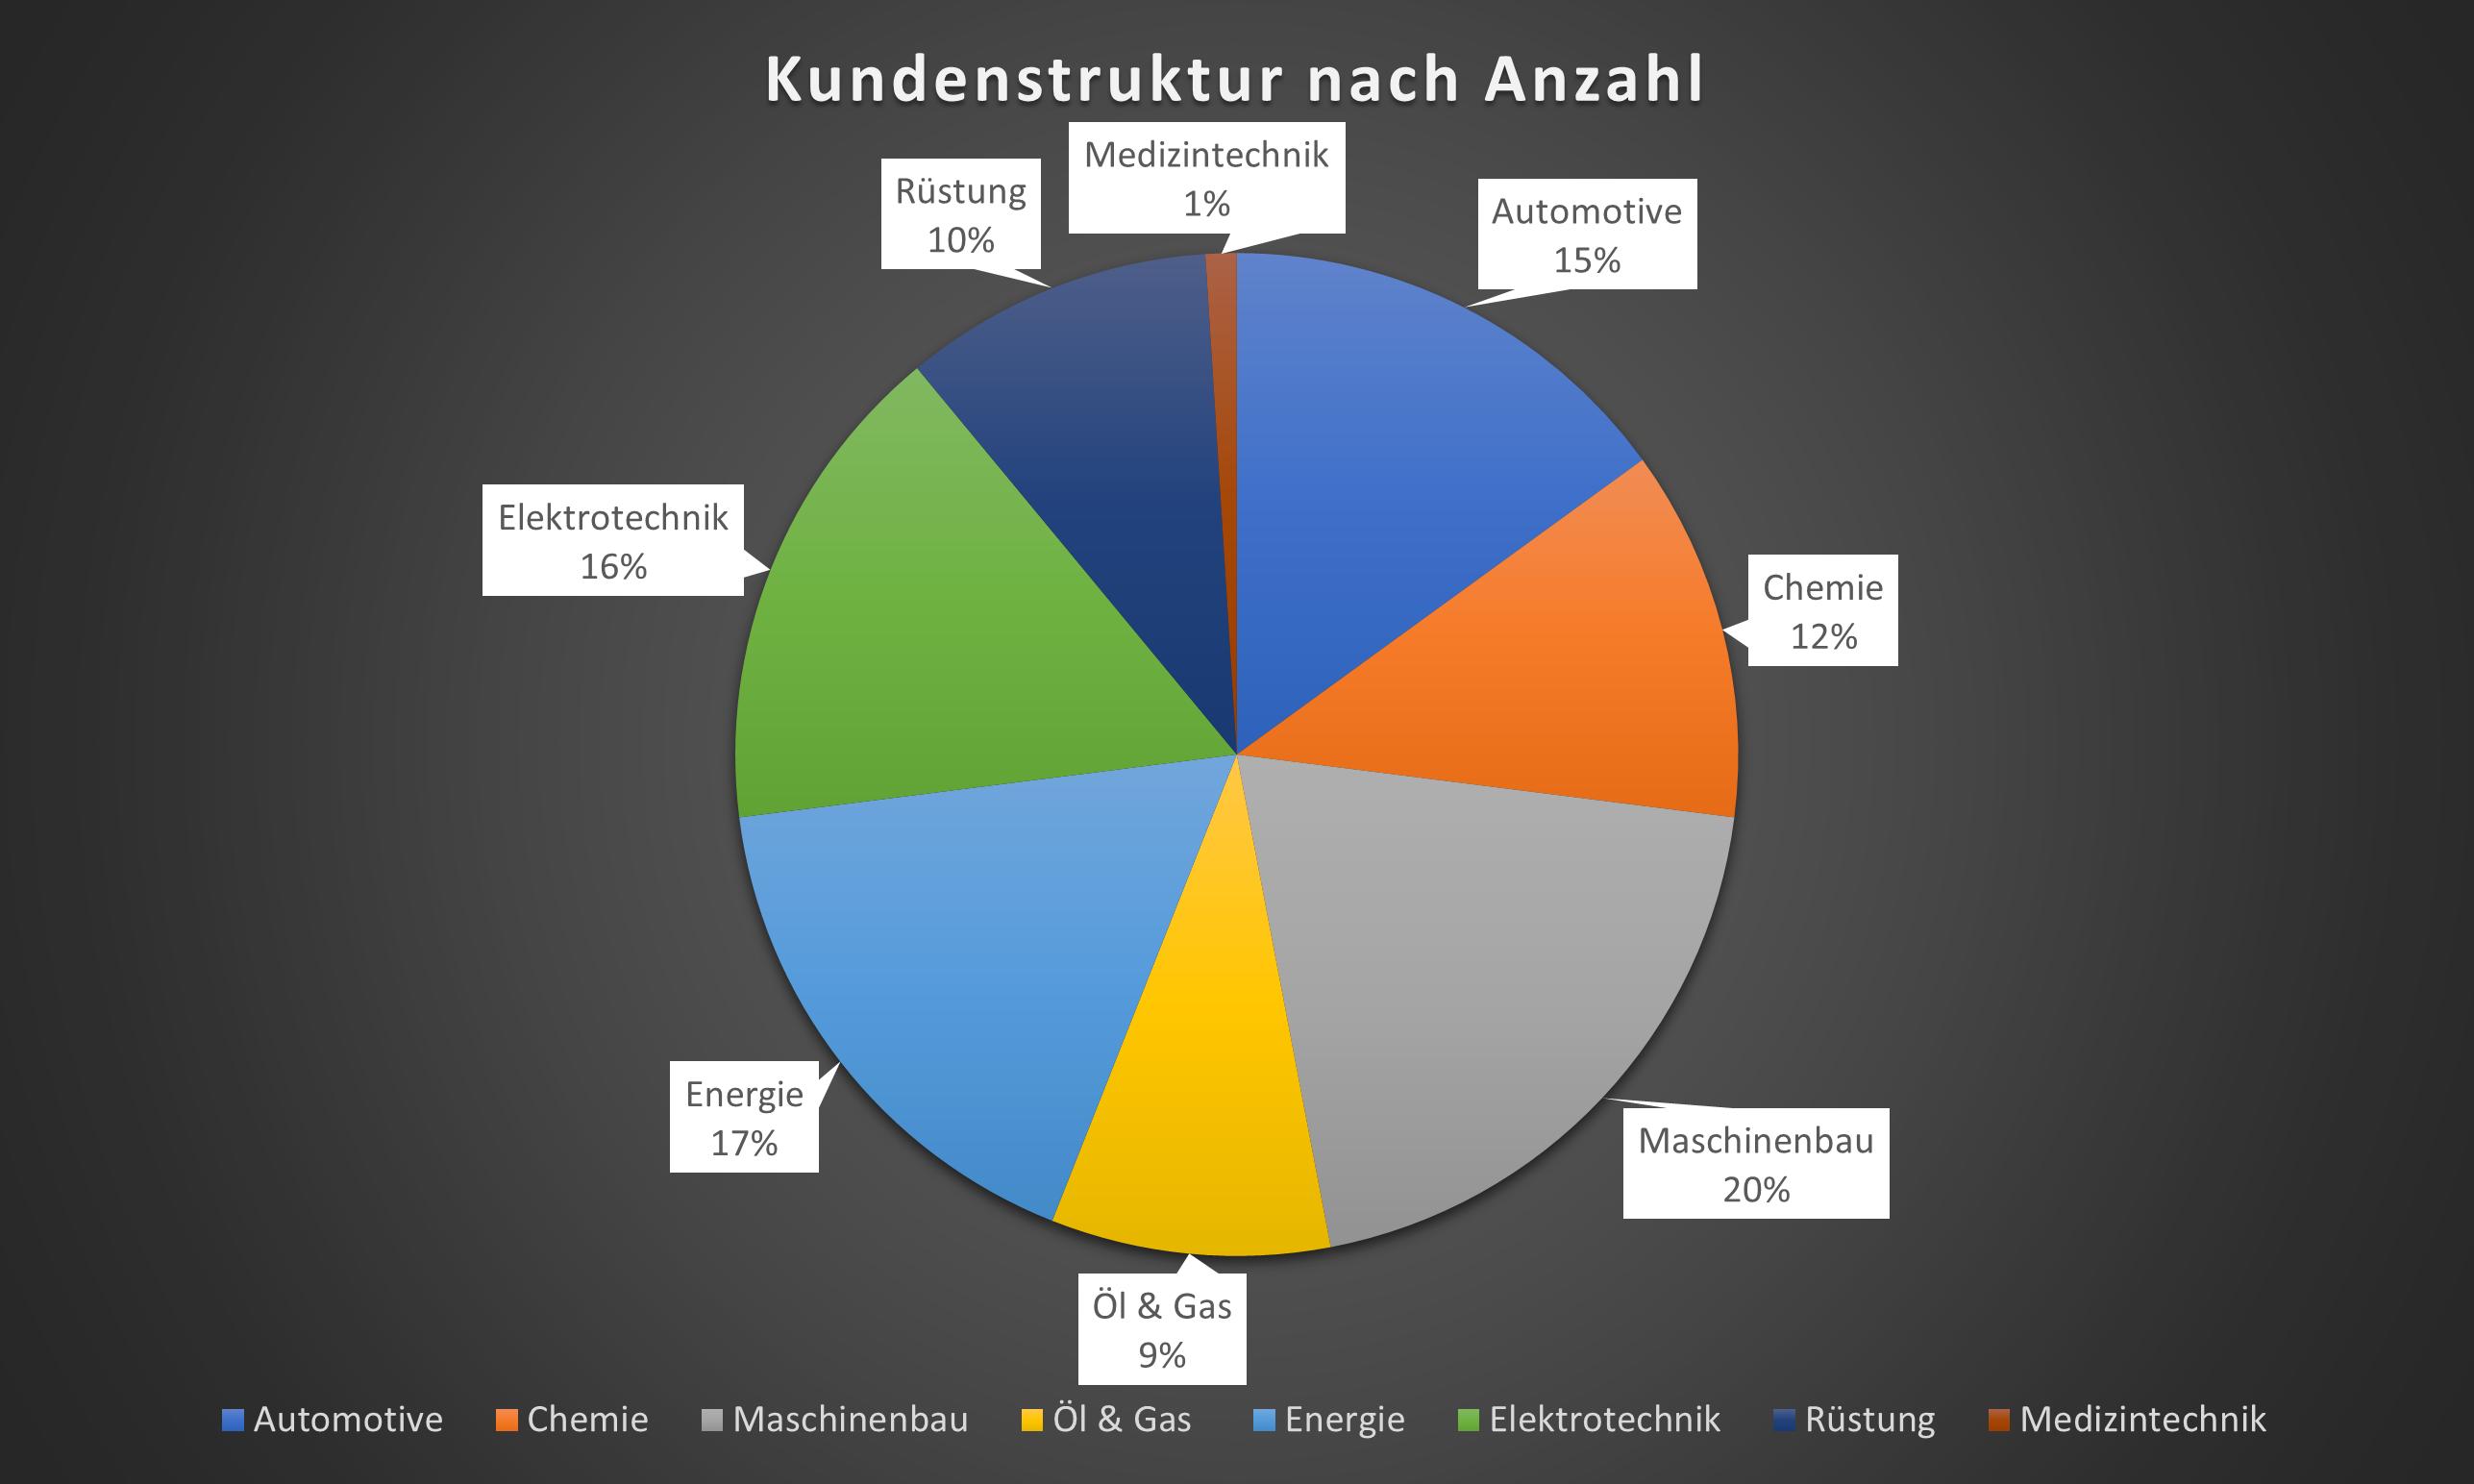 Darstellung der Kundenstruktur nach Anzahl